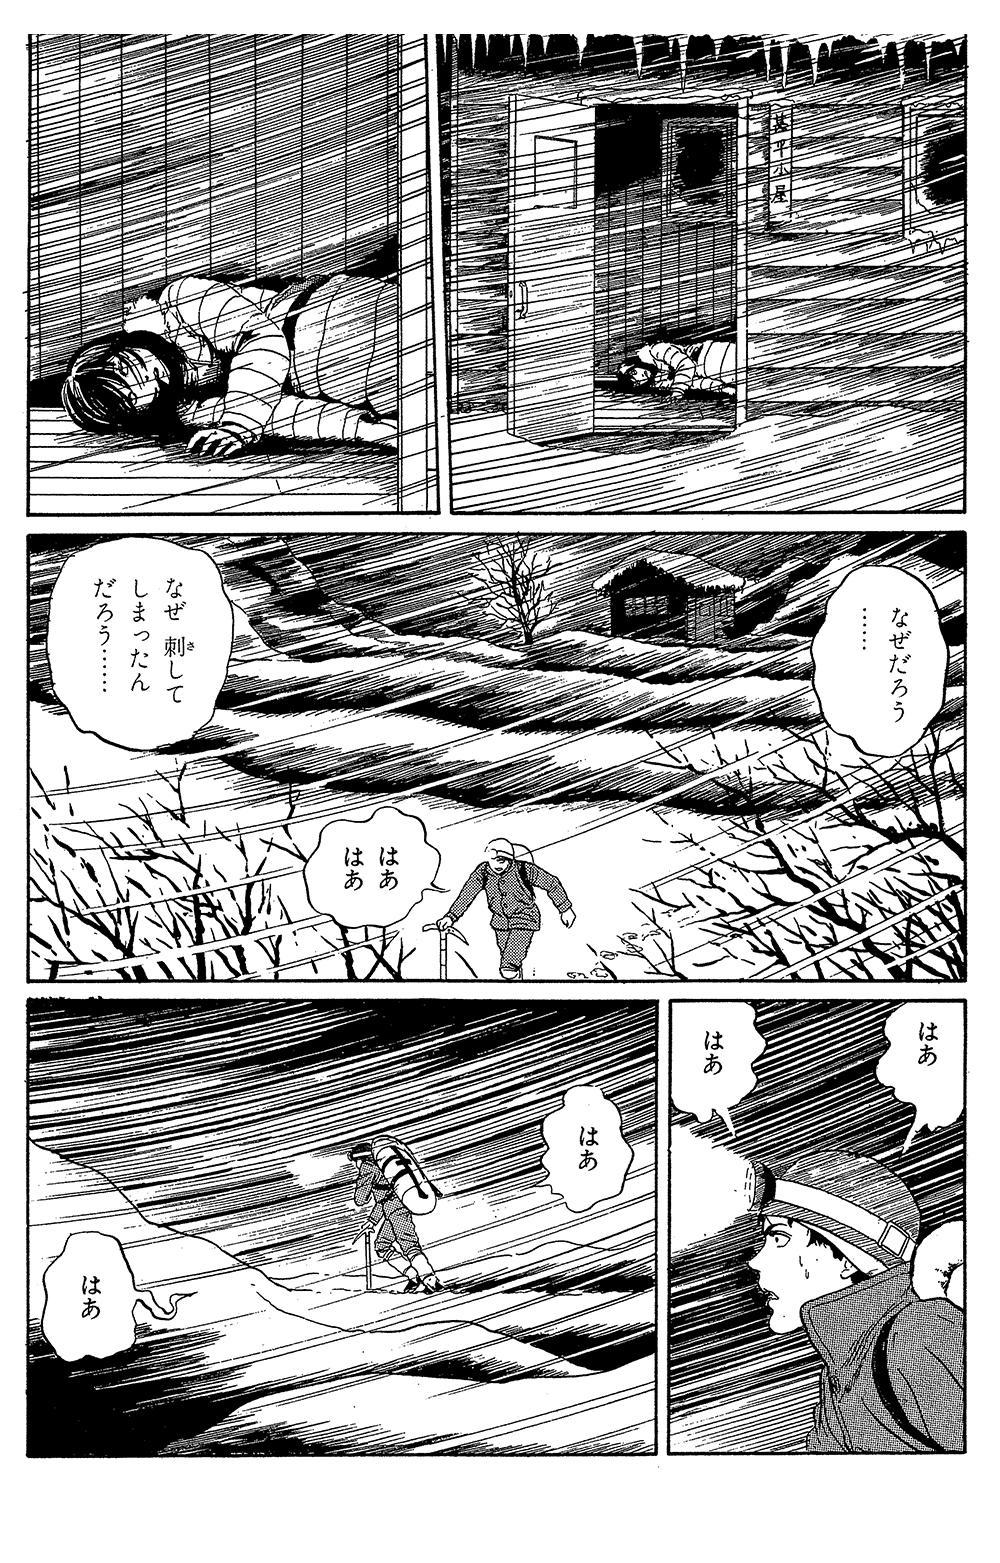 伊藤潤二傑作集 第7話「富江・復讐」2itouj24-0305.jpg